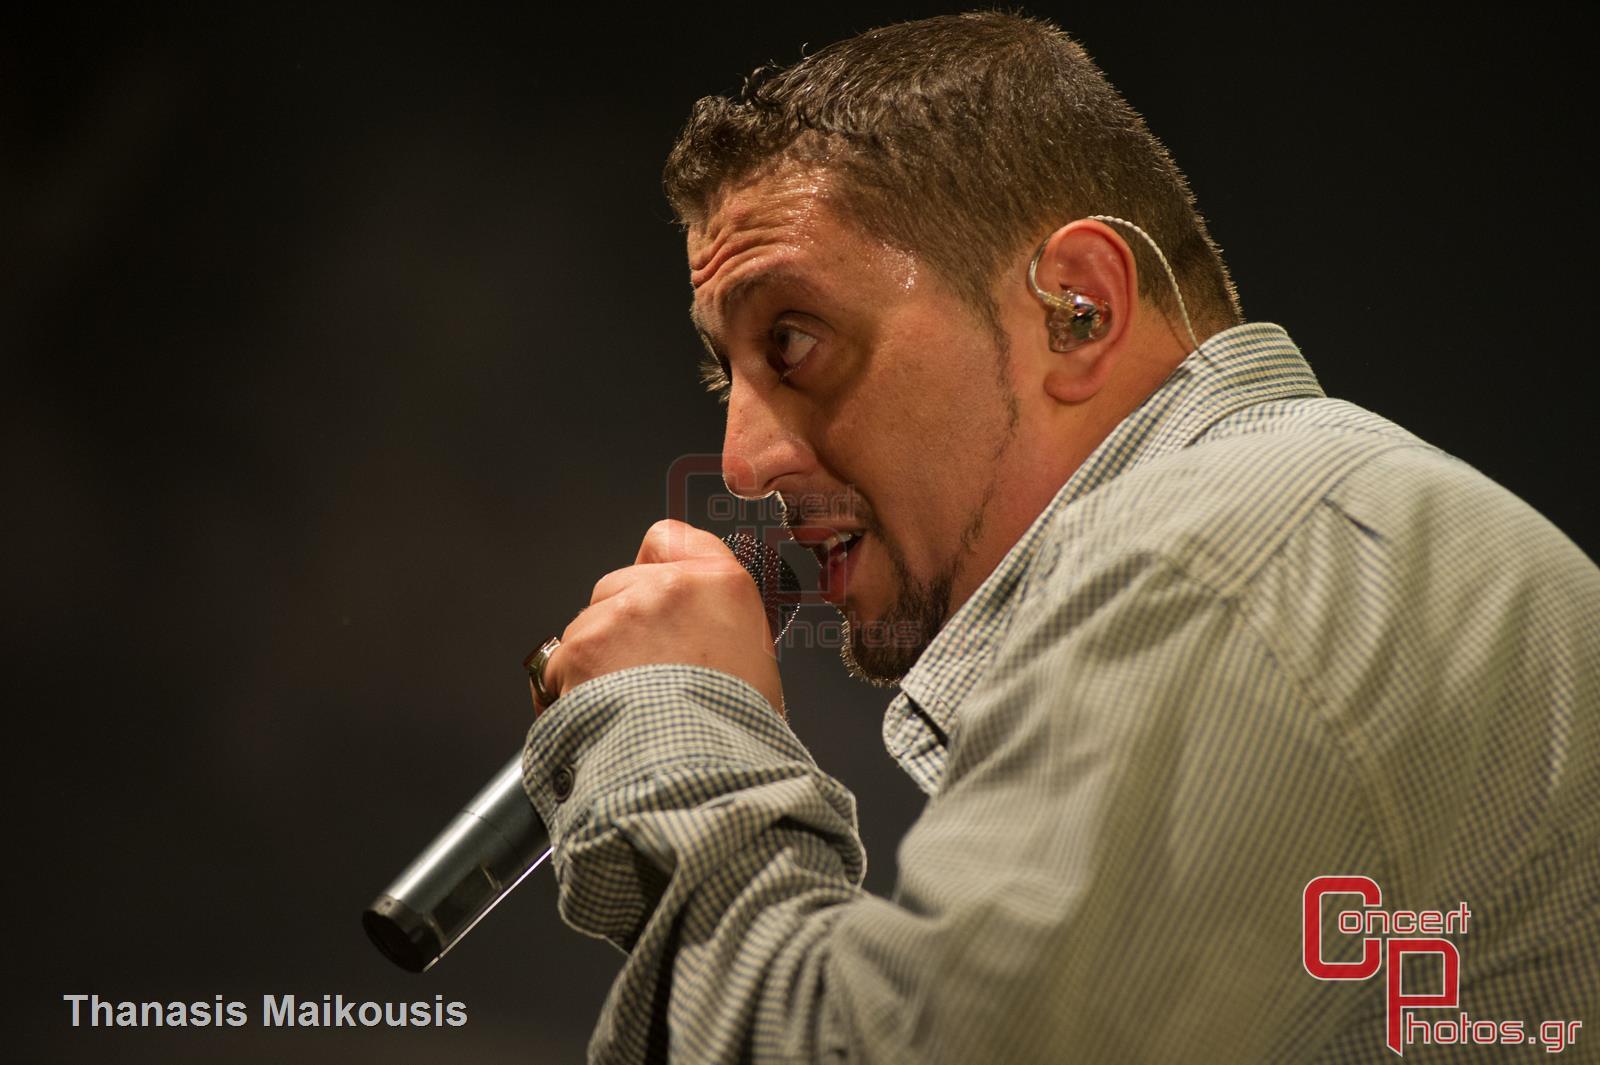 Dub Inc-Dub Inc photographer: Thanasis Maikousis - concertphotos_-5448